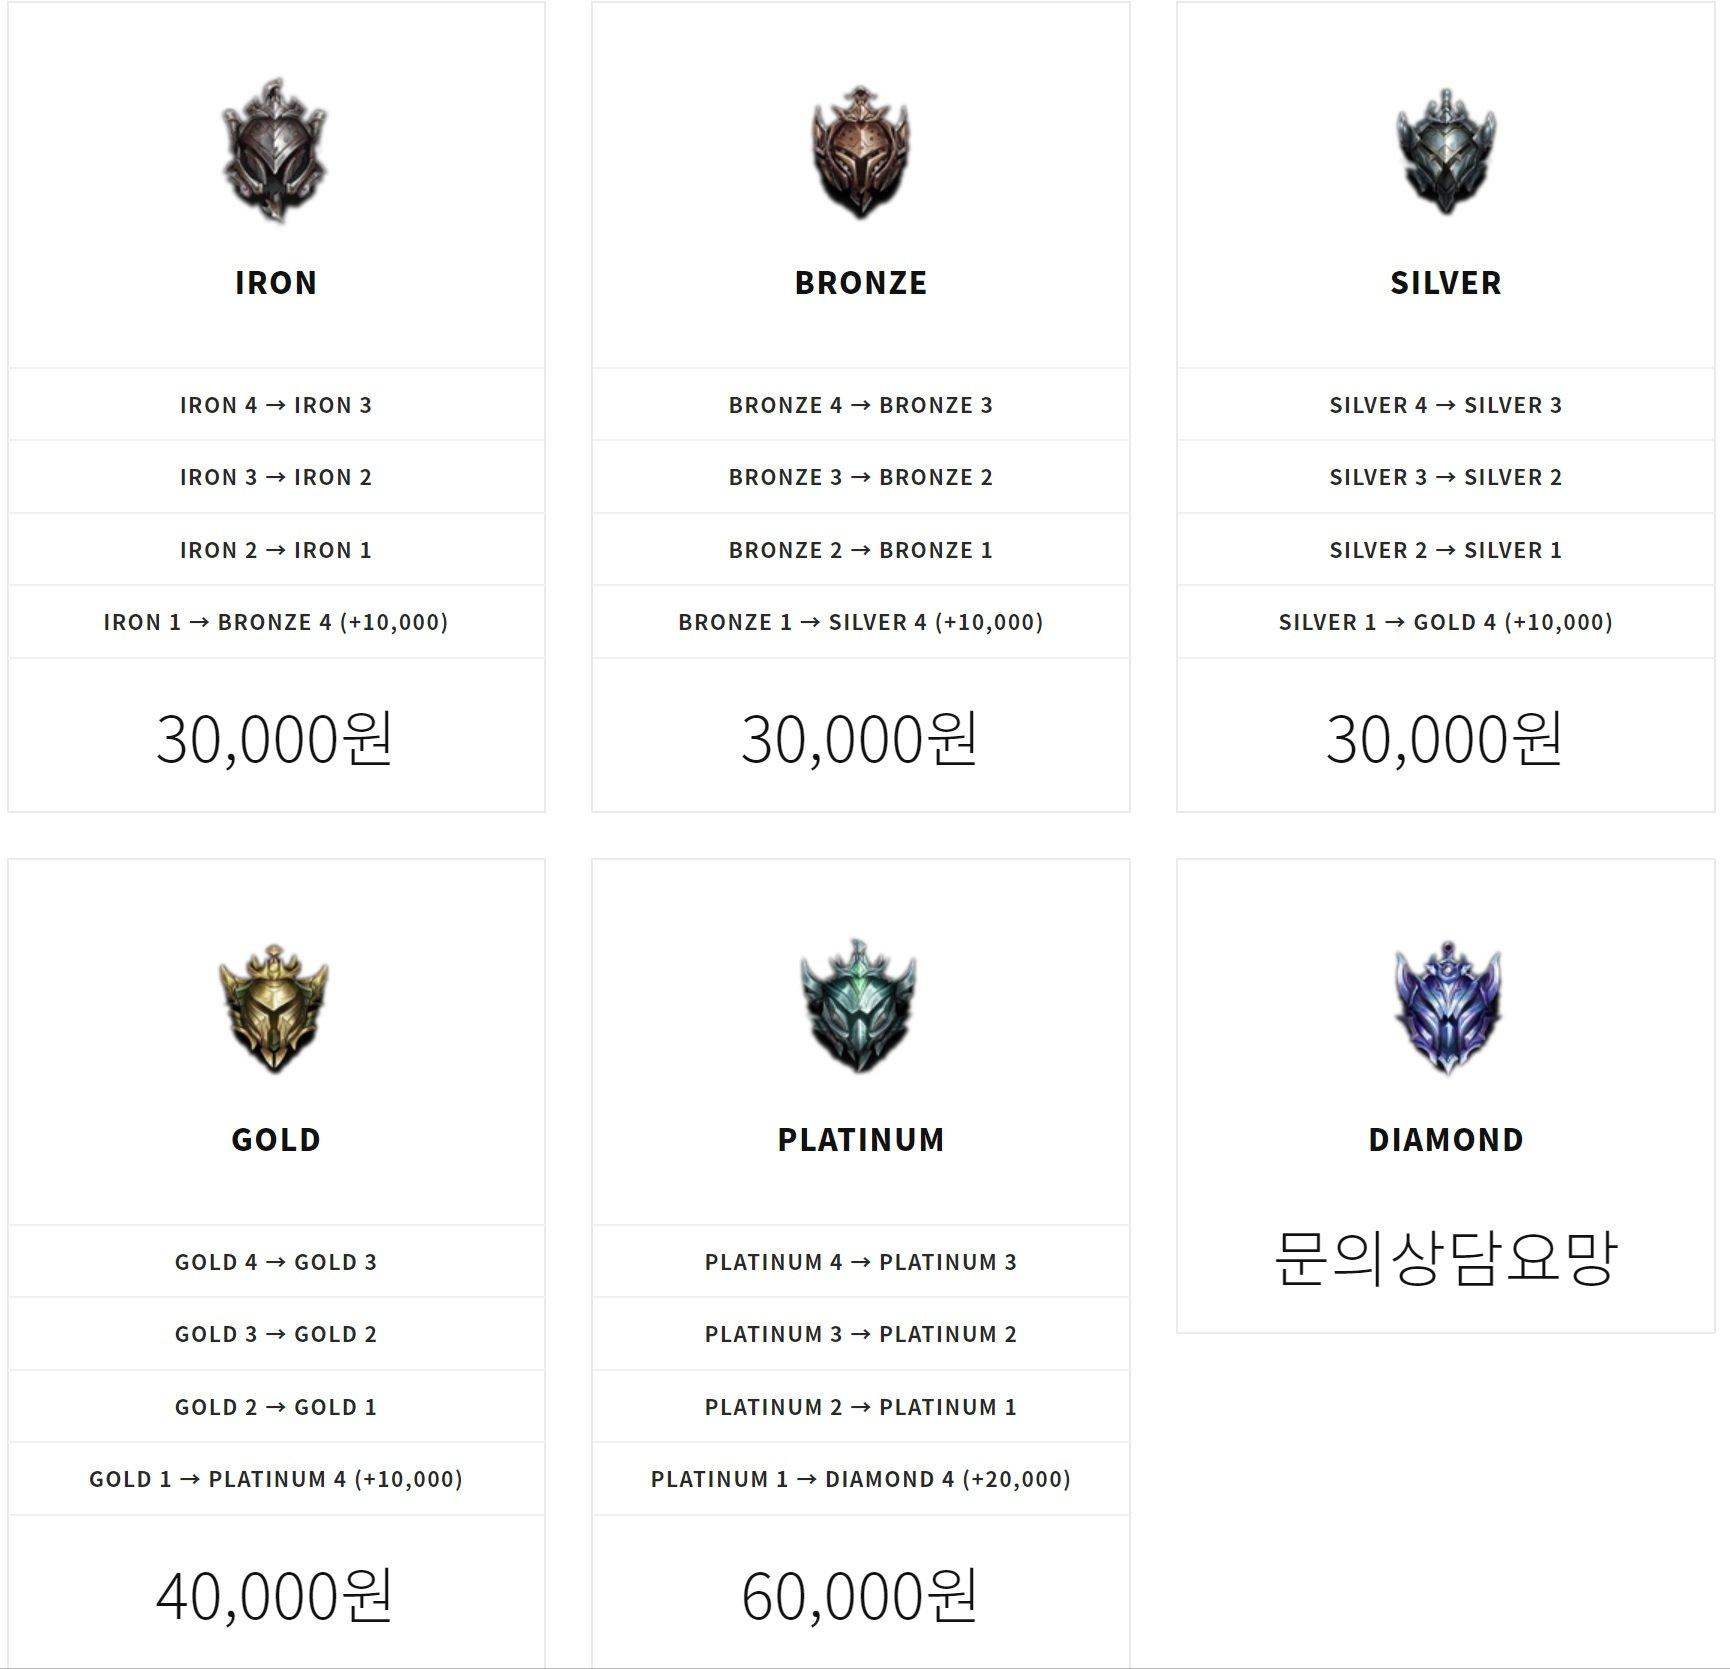 """""""副主""""と並んで大きなビジネスになっているのが代理育成サービスだ。MMORPGのみならず、「League of Legend」や「Overwatch」などのジャンルのゲームでは、自分のレベルやランクを上げてくれる代理サービスが存在する。代理サービスを行なう彼らを韓国ゲーム業界では""""裏のプロゲーマー""""と呼ぶ"""